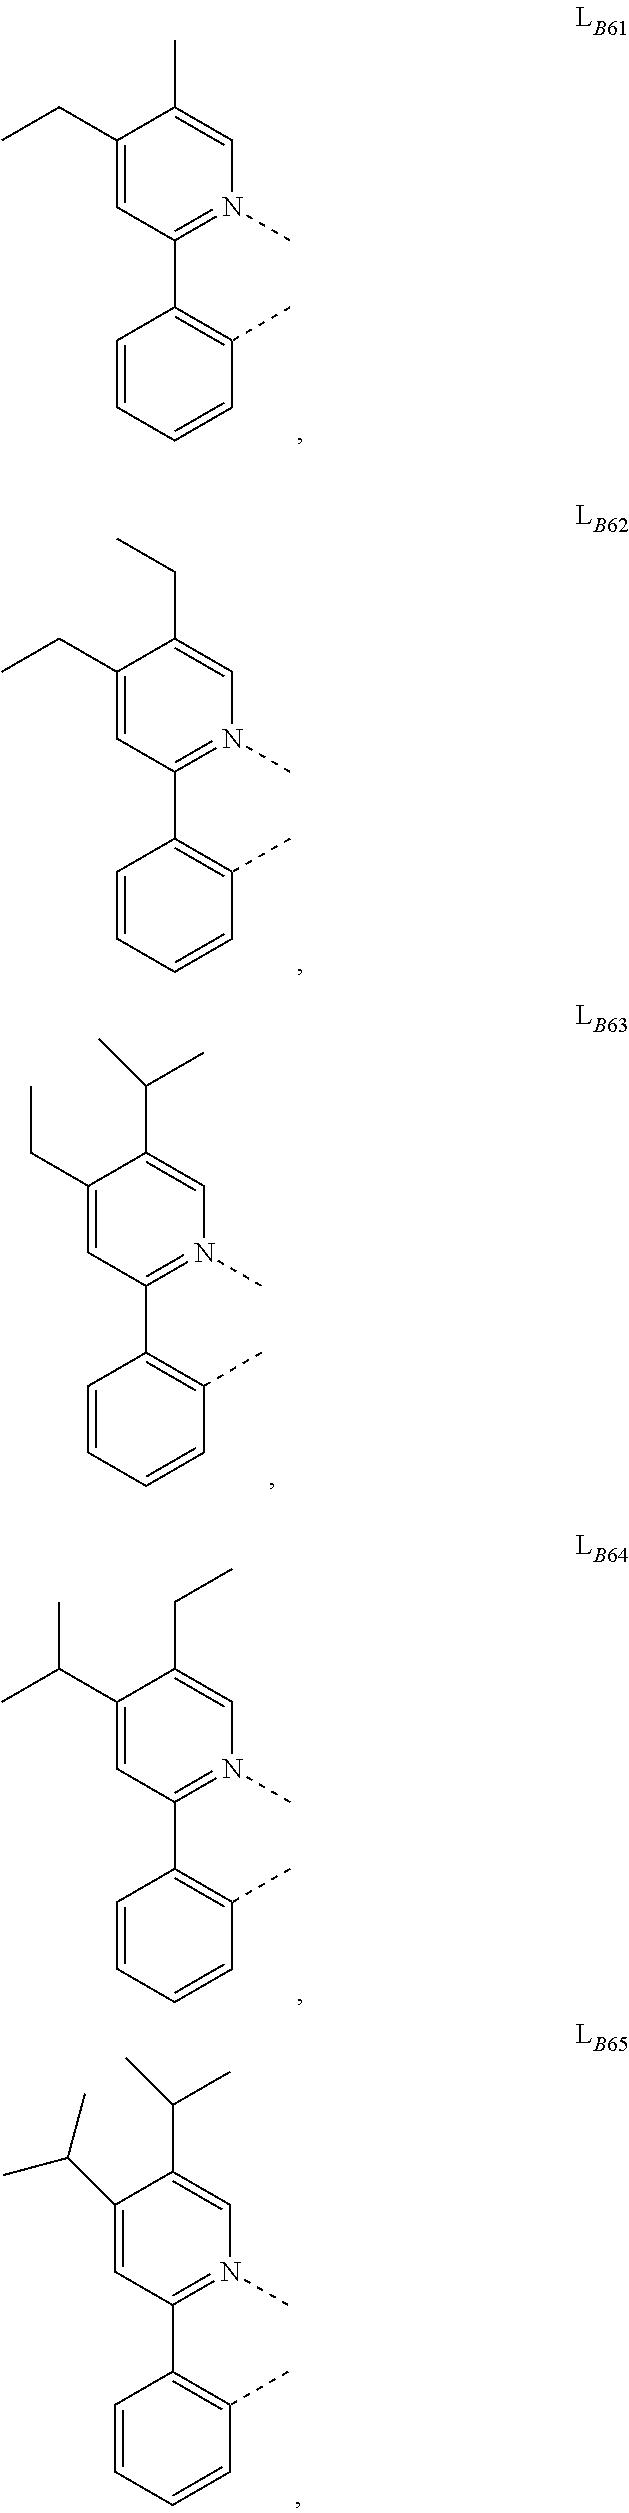 Figure US20160049599A1-20160218-C00508